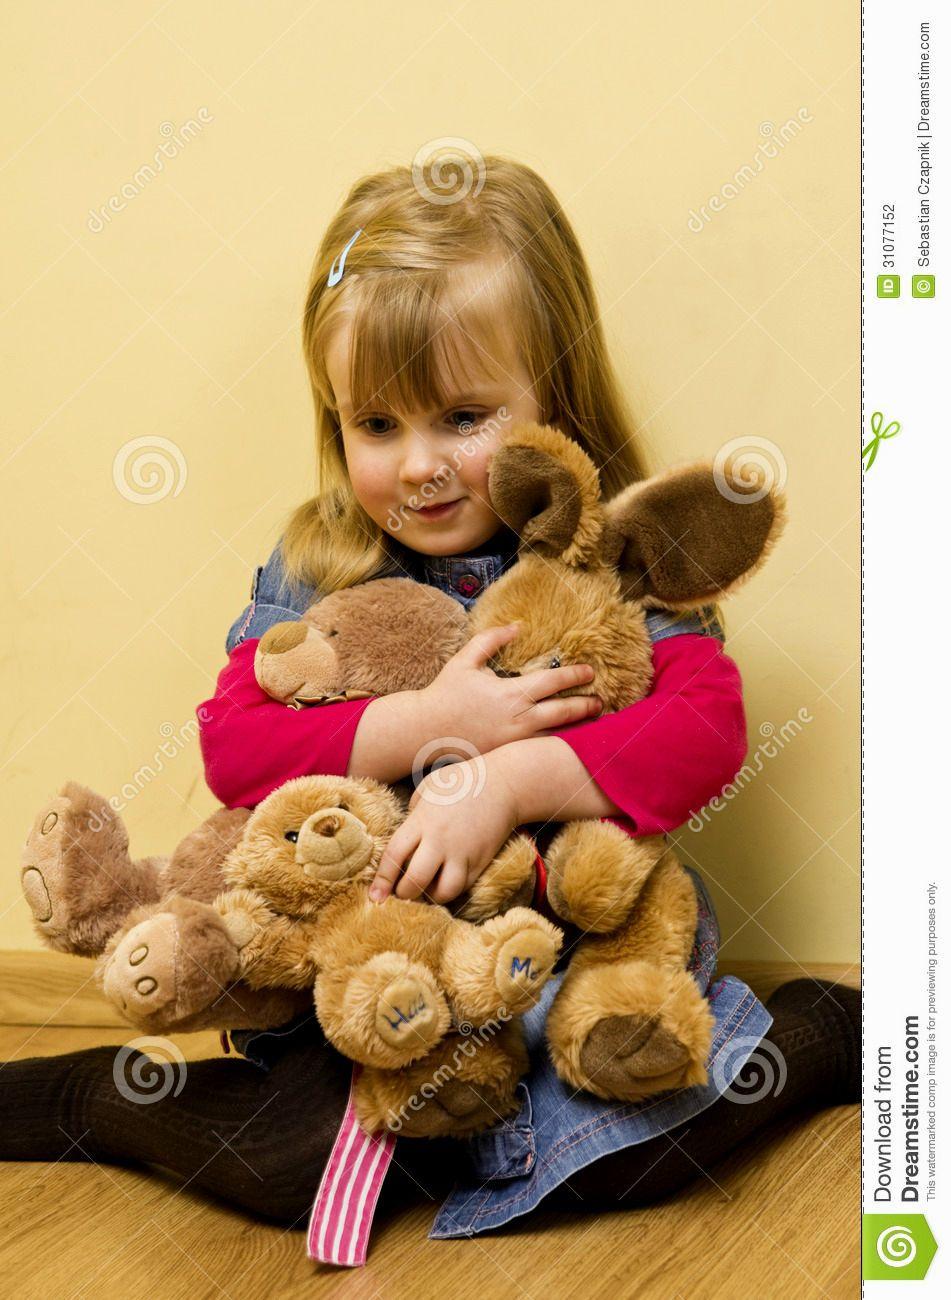 Pin Di Girl Humping Stuffed Animal